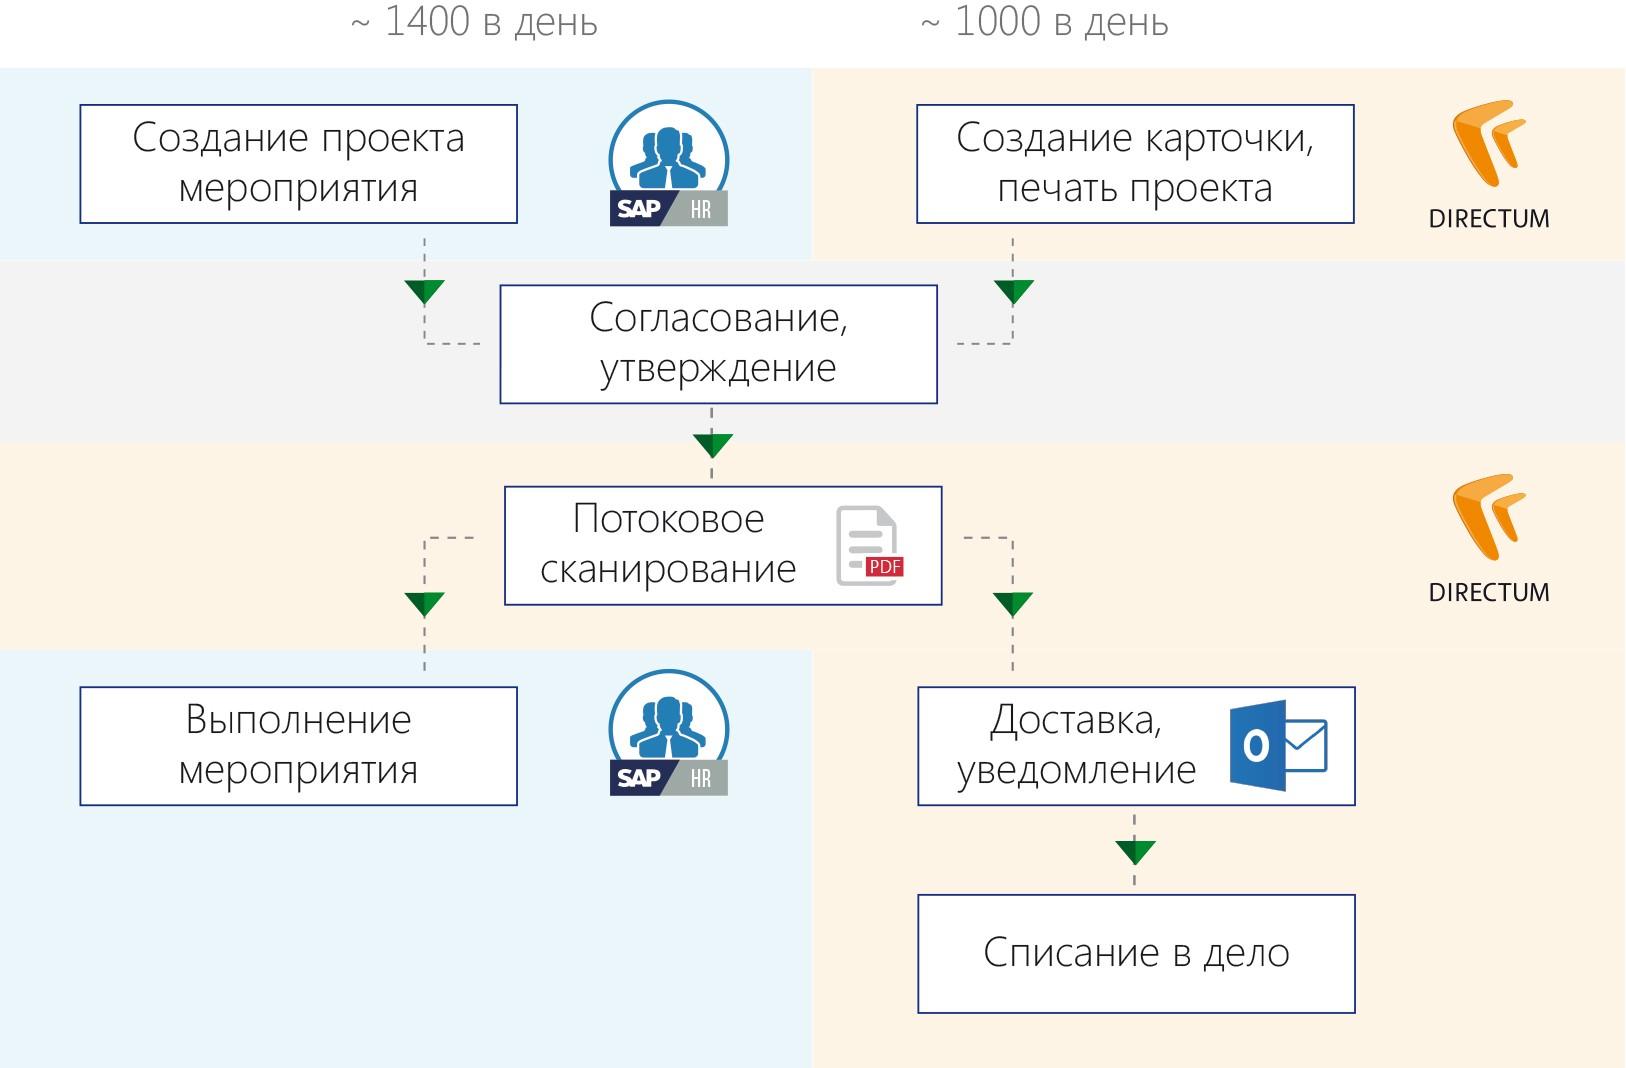 Бизнес процессы ОАО Сургутнефтегаз за пределами делопроизводства  Кадровый документооборот